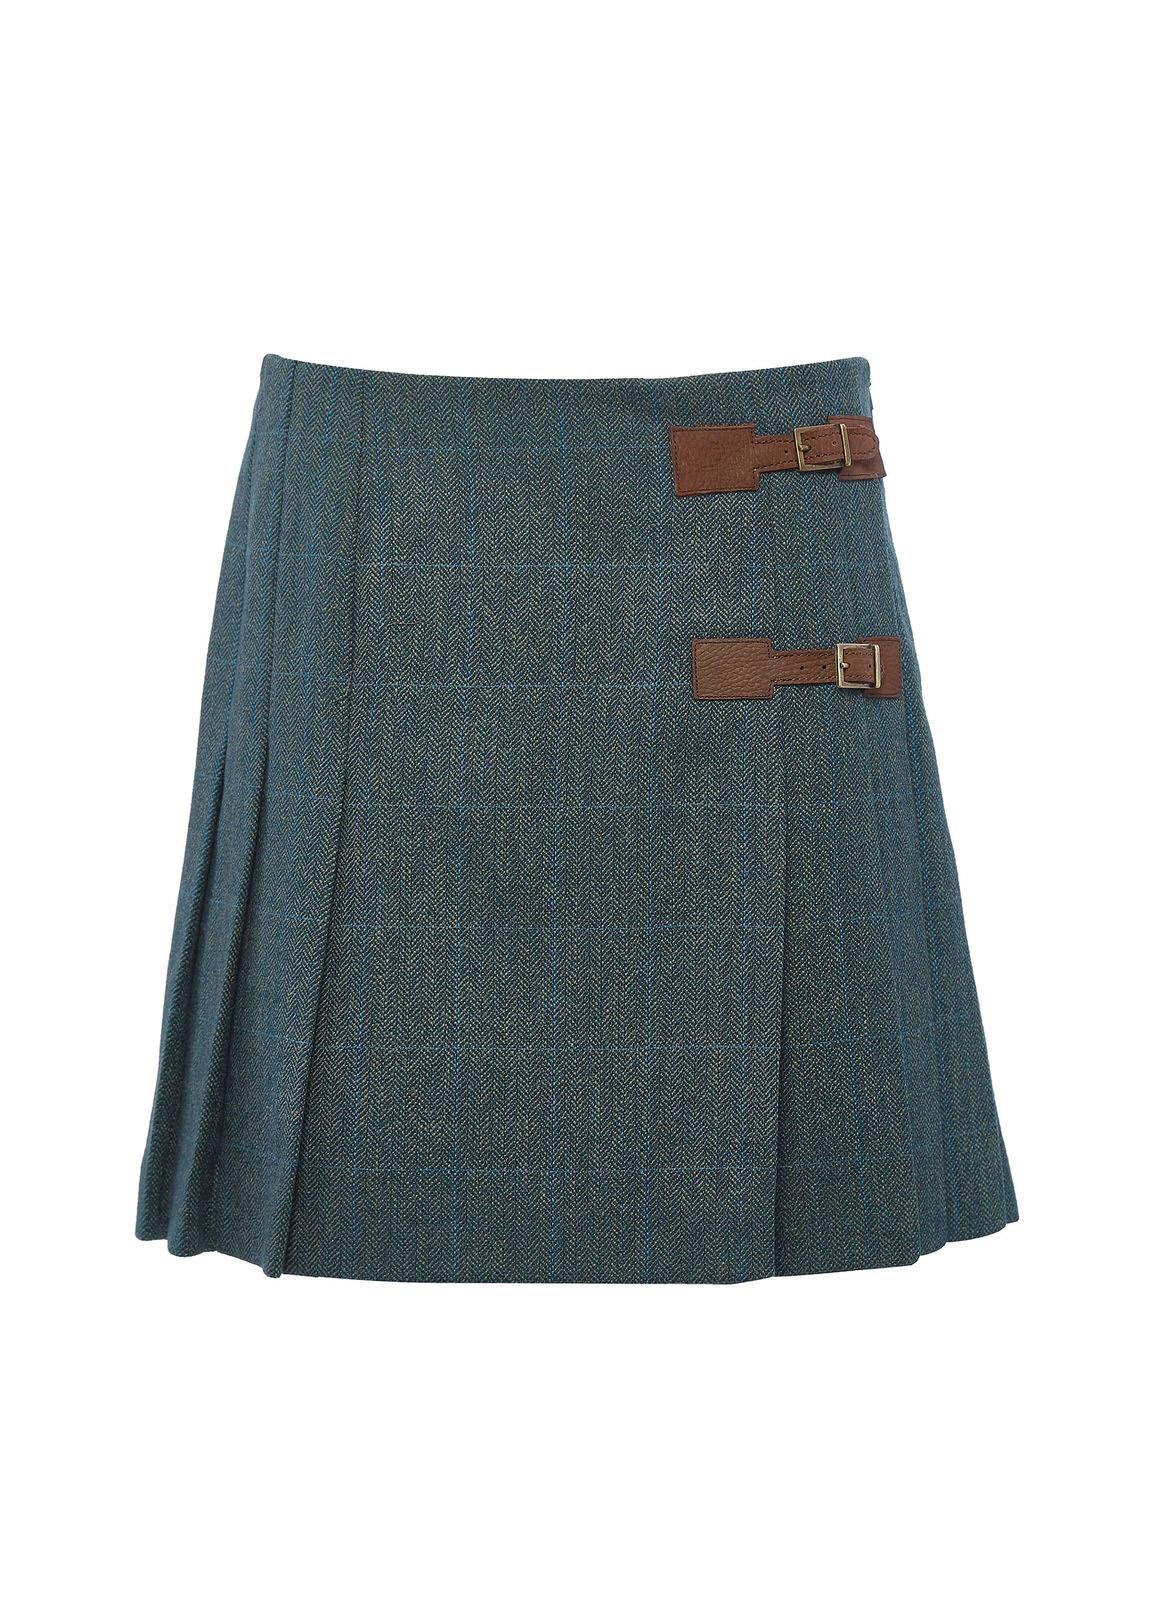 Blossom_Tweed_Skirt_Mist_Image_1